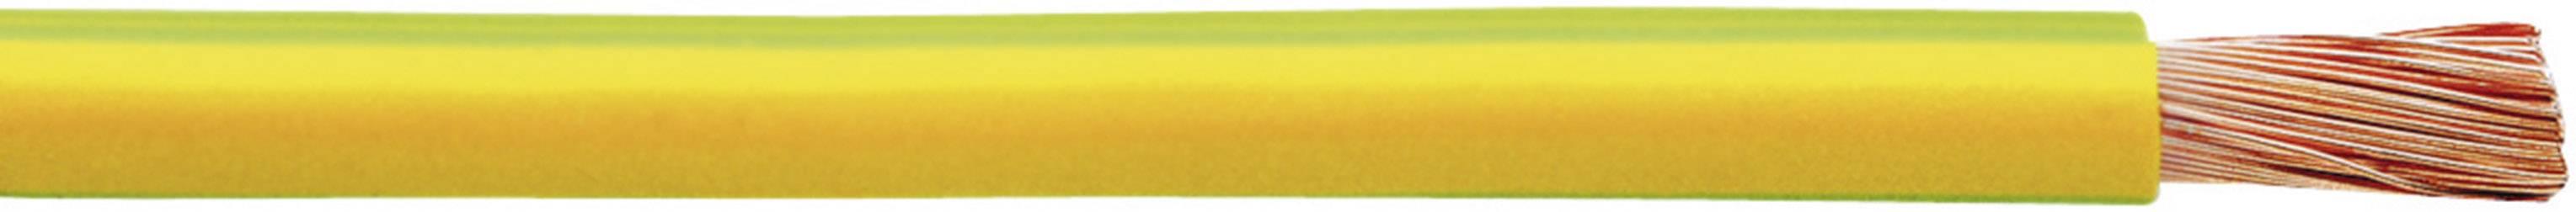 Pletenica H07V-K 1 x 10 mm, svetlo modra Faber Kabel 040232 cena za meter